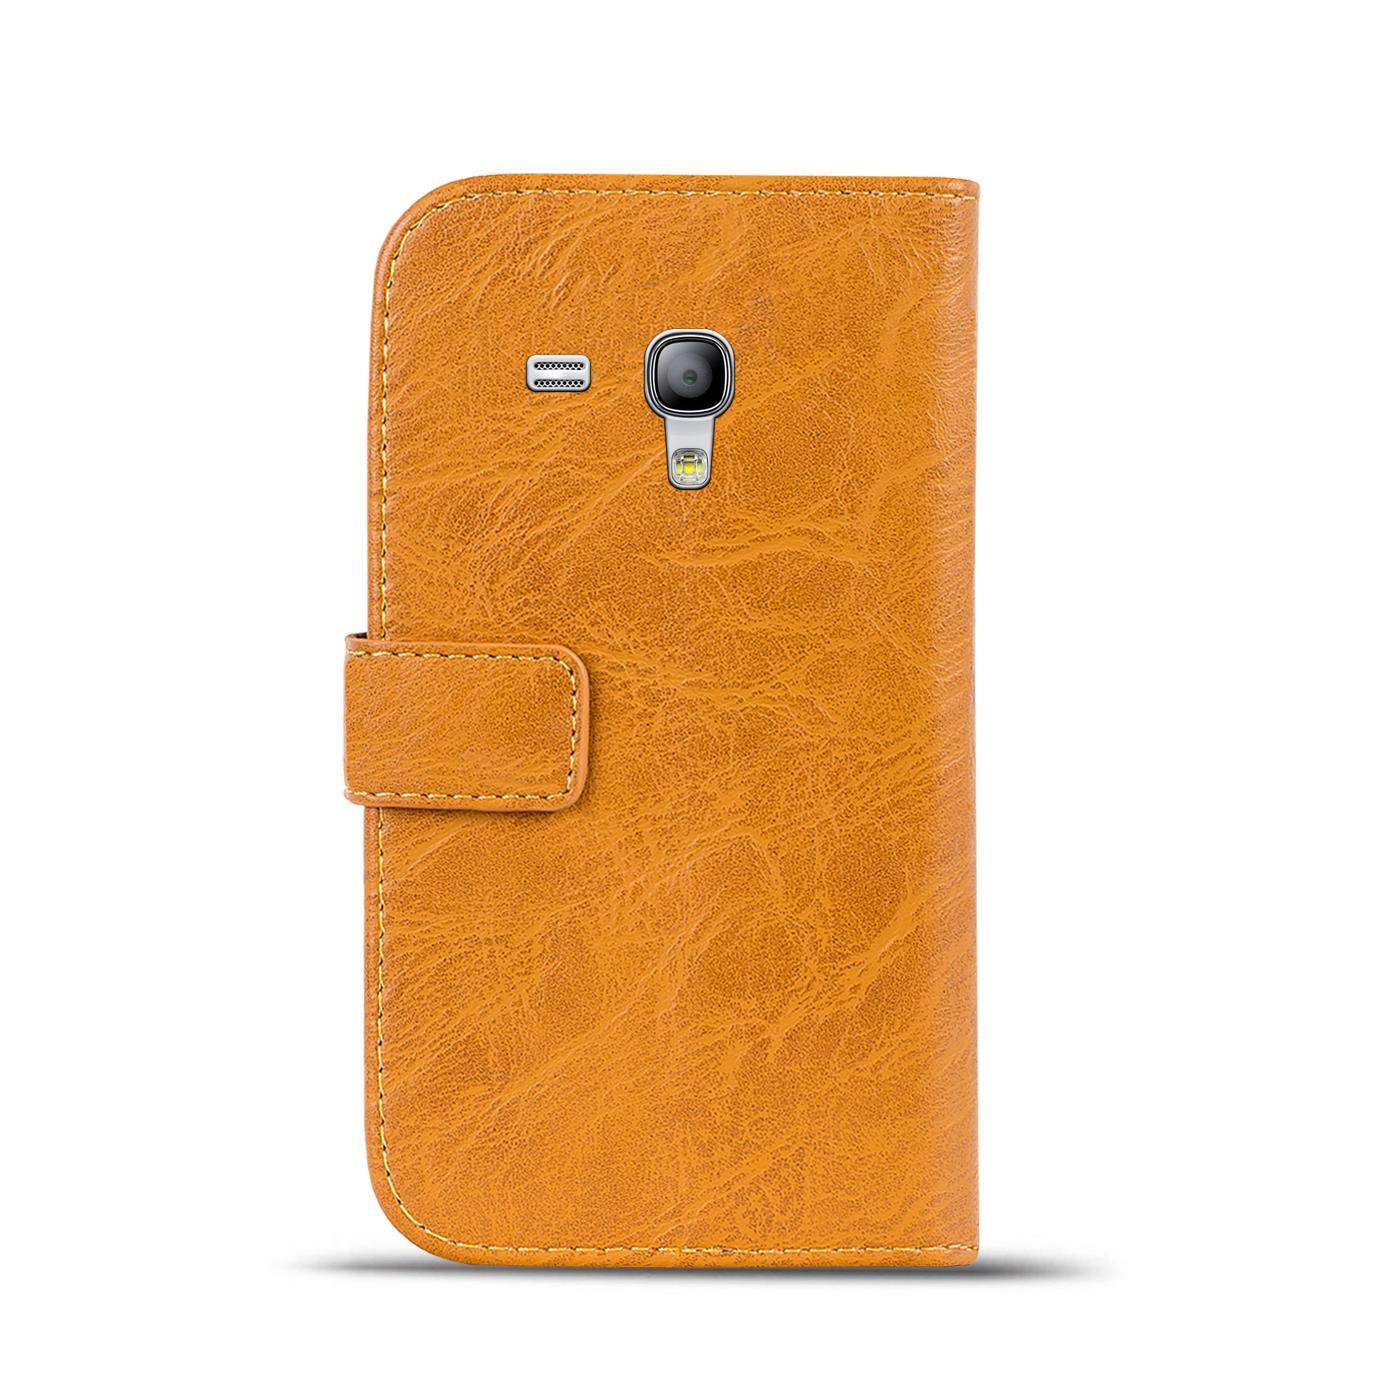 Klapphuelle-Samsung-Galaxy-S3-Mini-Huelle-Schutzhuelle-Wallet-Cover-Flip-Case Indexbild 10